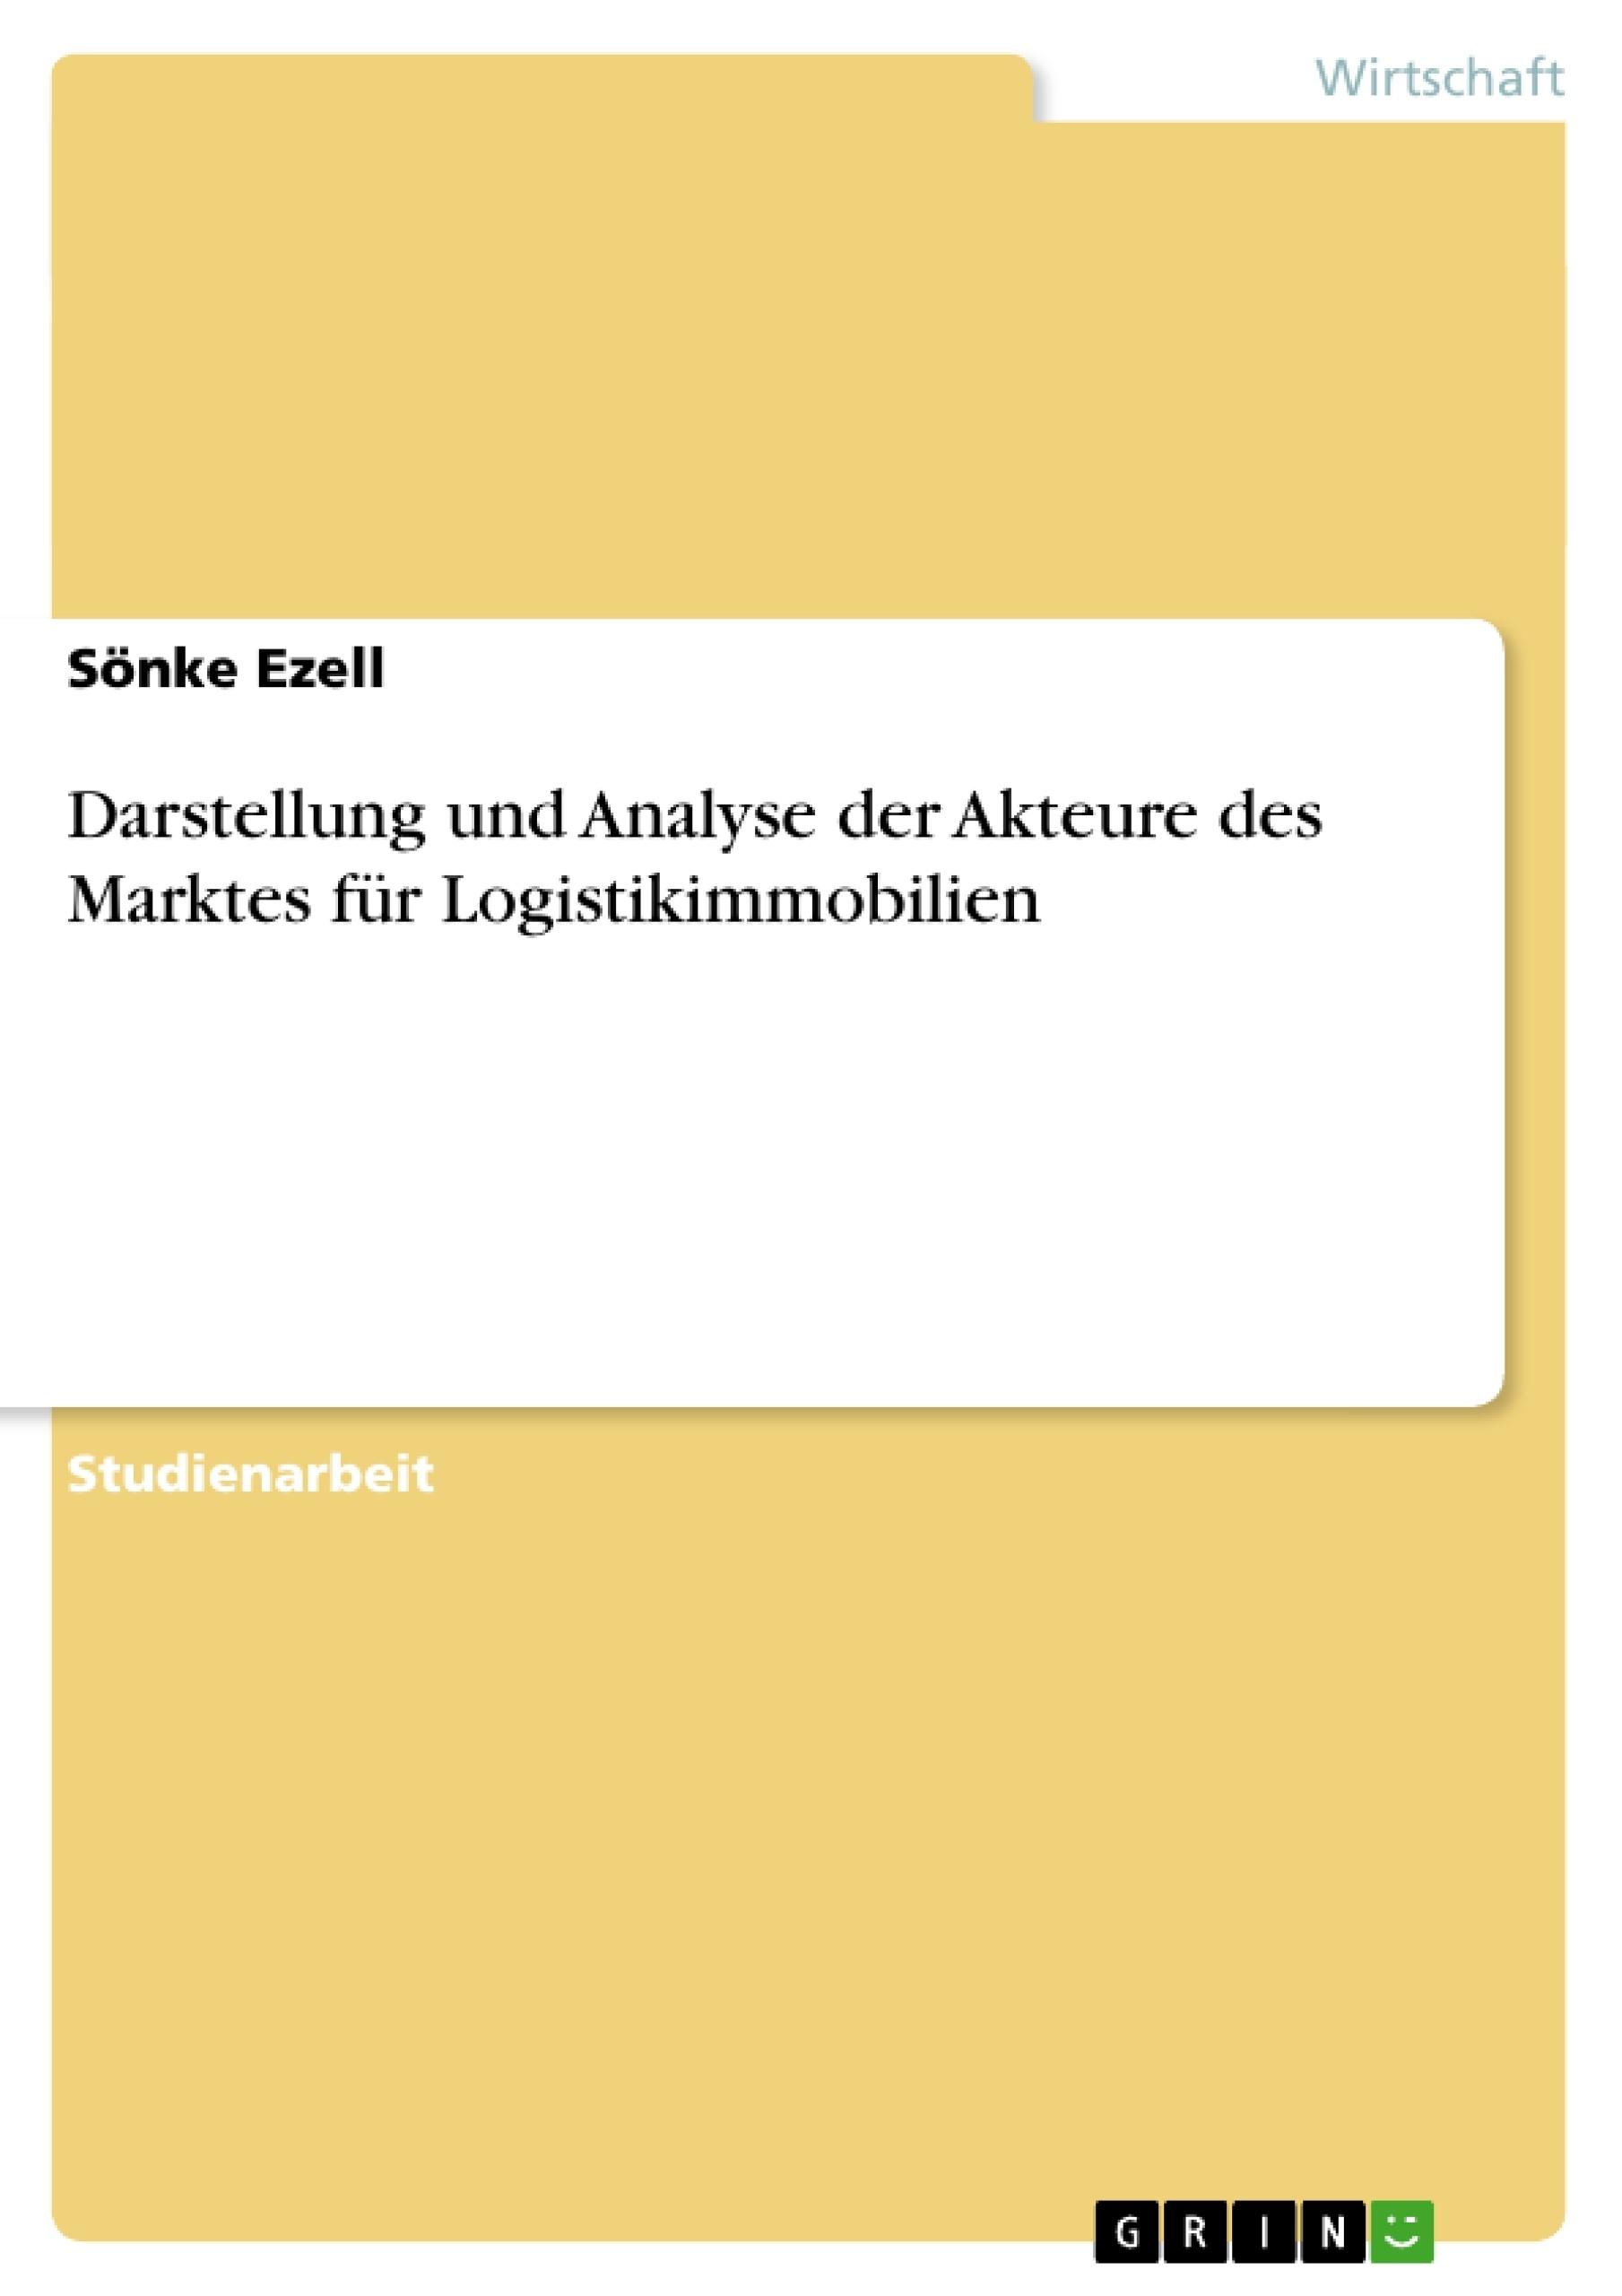 Titel: Darstellung und Analyse der Akteure des Marktes für Logistikimmobilien